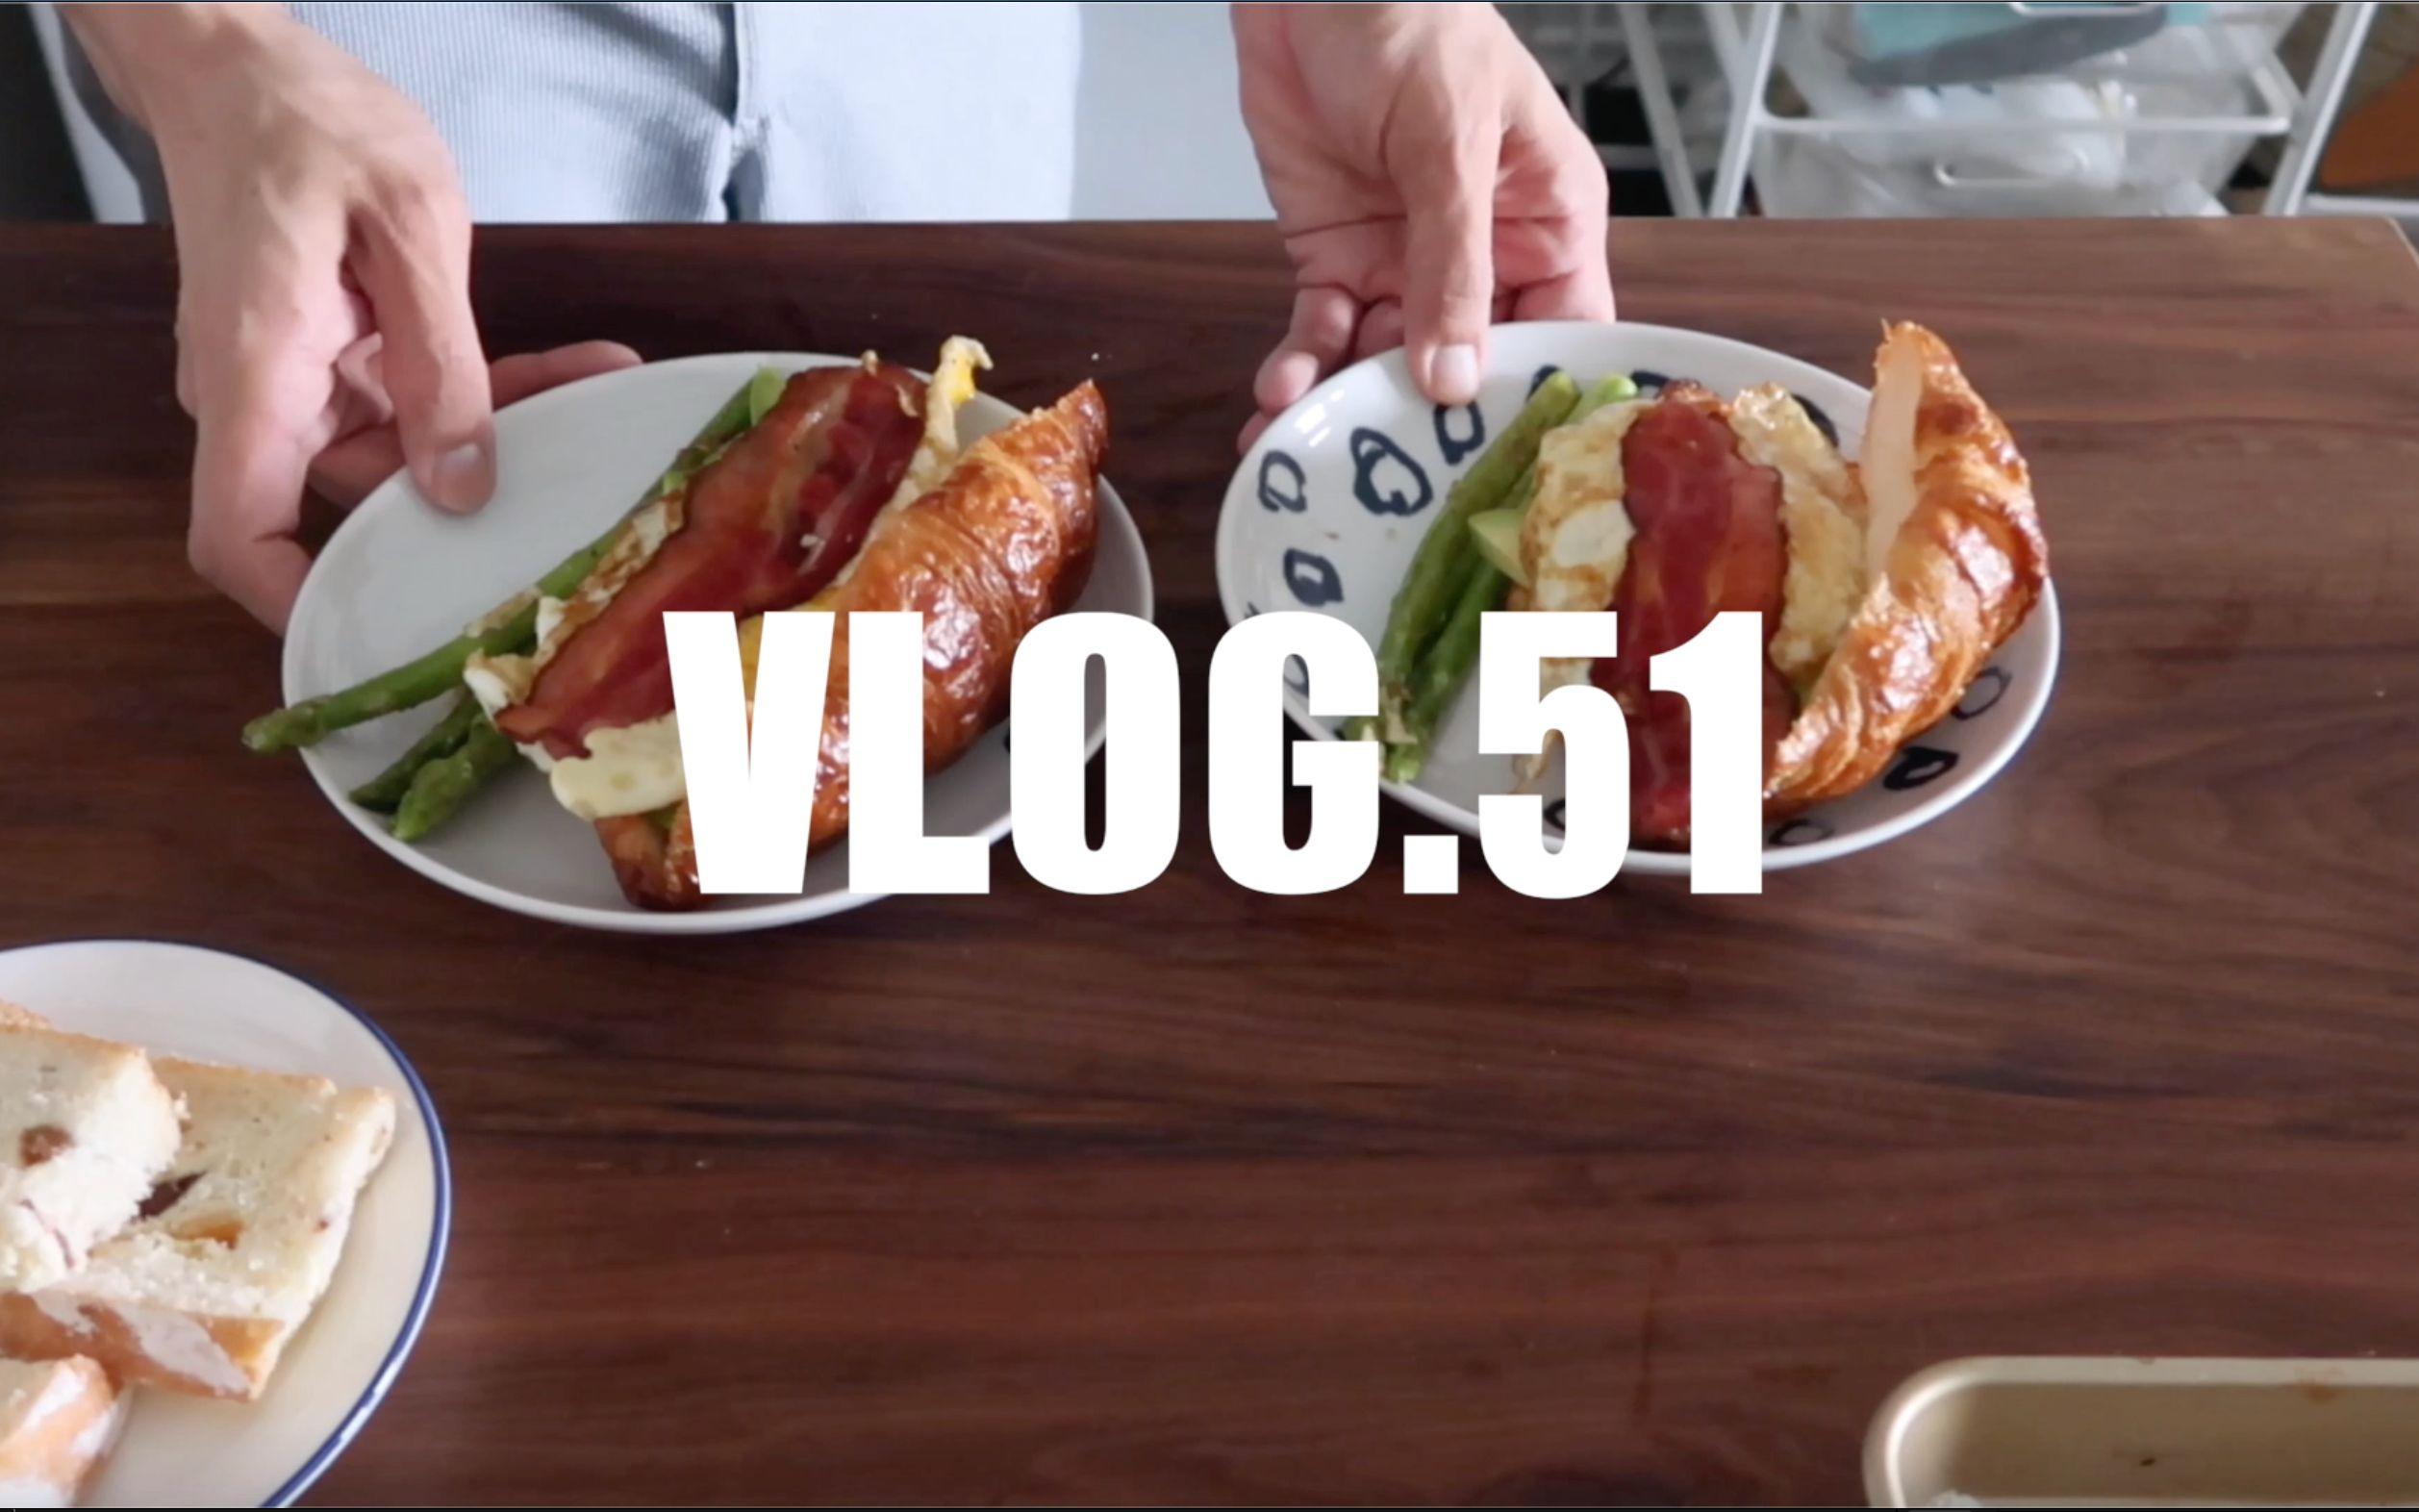 【茄子Vlog.51】终于去染了亚麻灰的发色!一起买菜,晚上煮了超级无敌鲜美的海鲜锅!